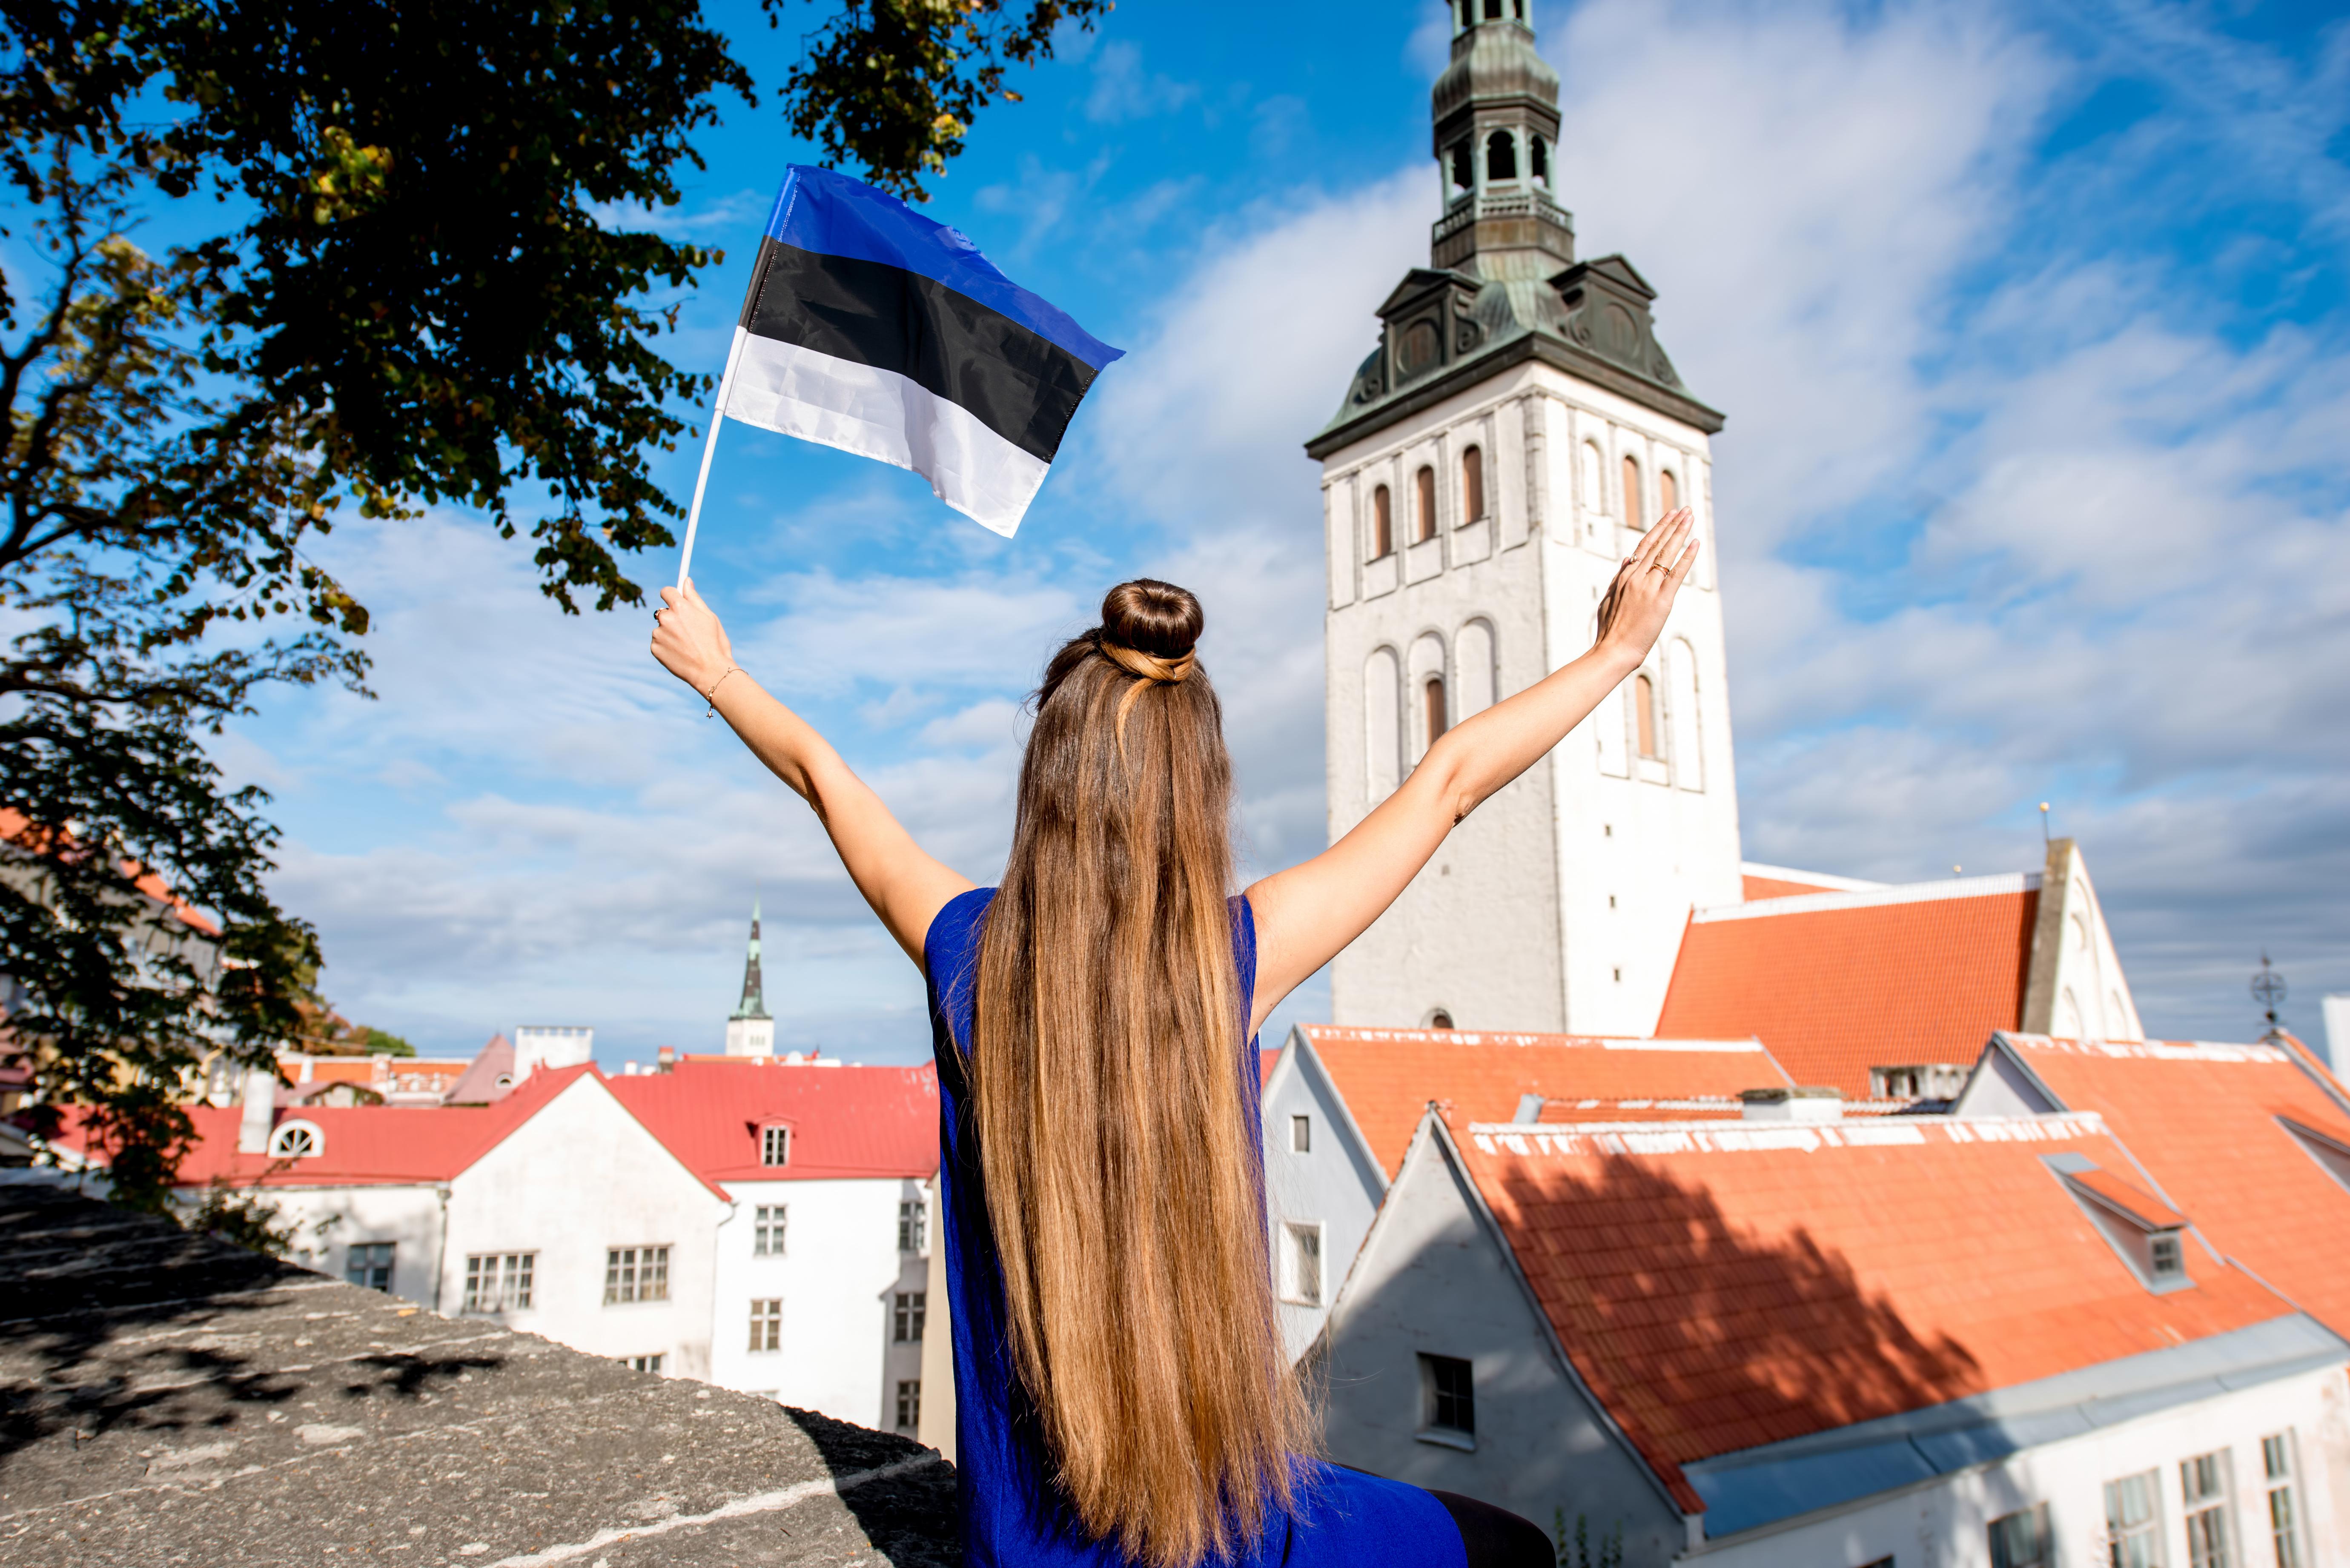 Mis on see, mida 71% inimesed teevad tööl olles ja millest võiks välja kujuneda Eestimaa uus rahvushümn? 2